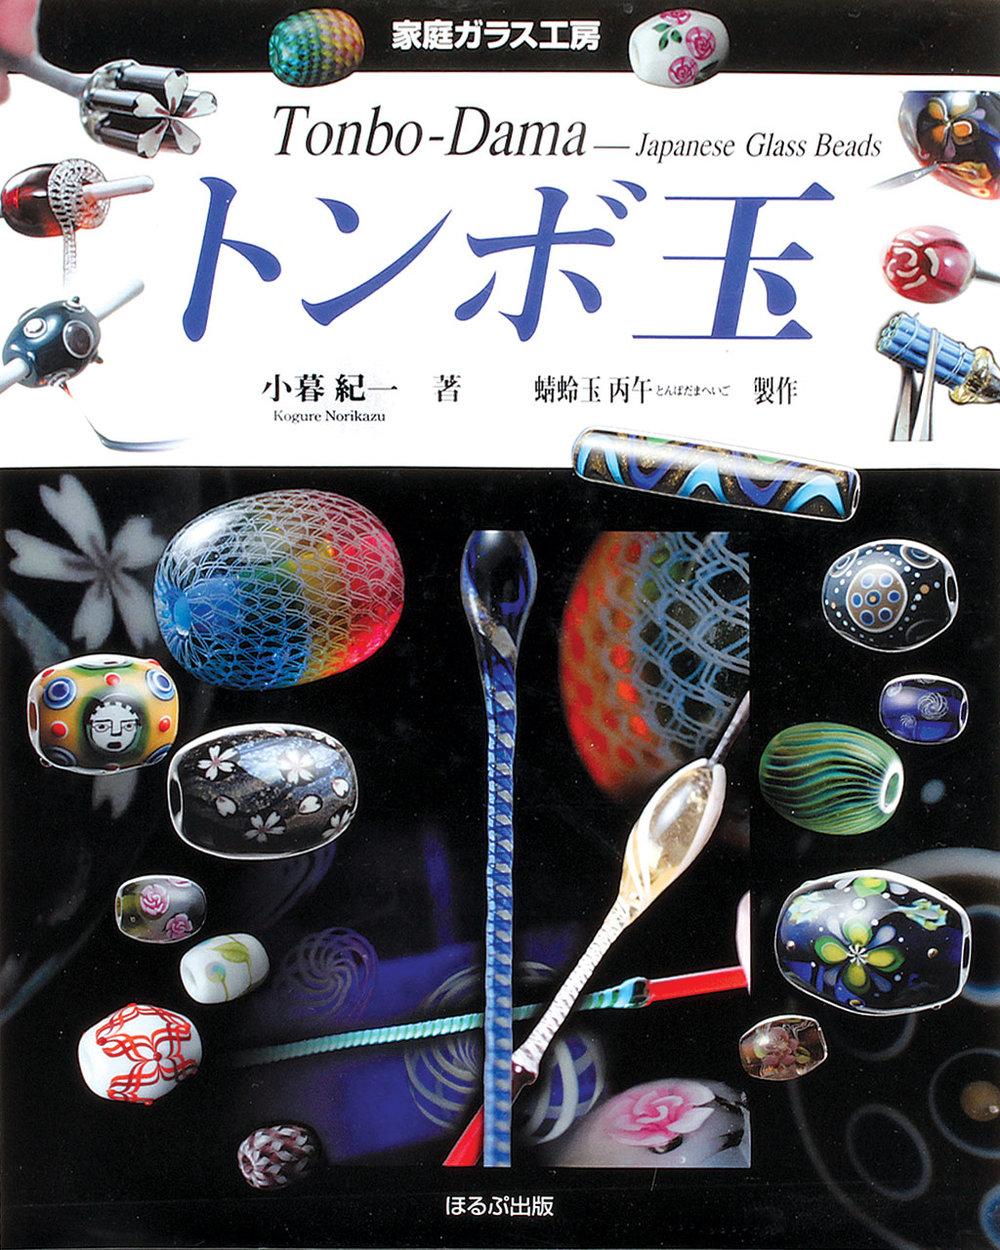 40_5_Bookshelf_IMG_2766a.jpg